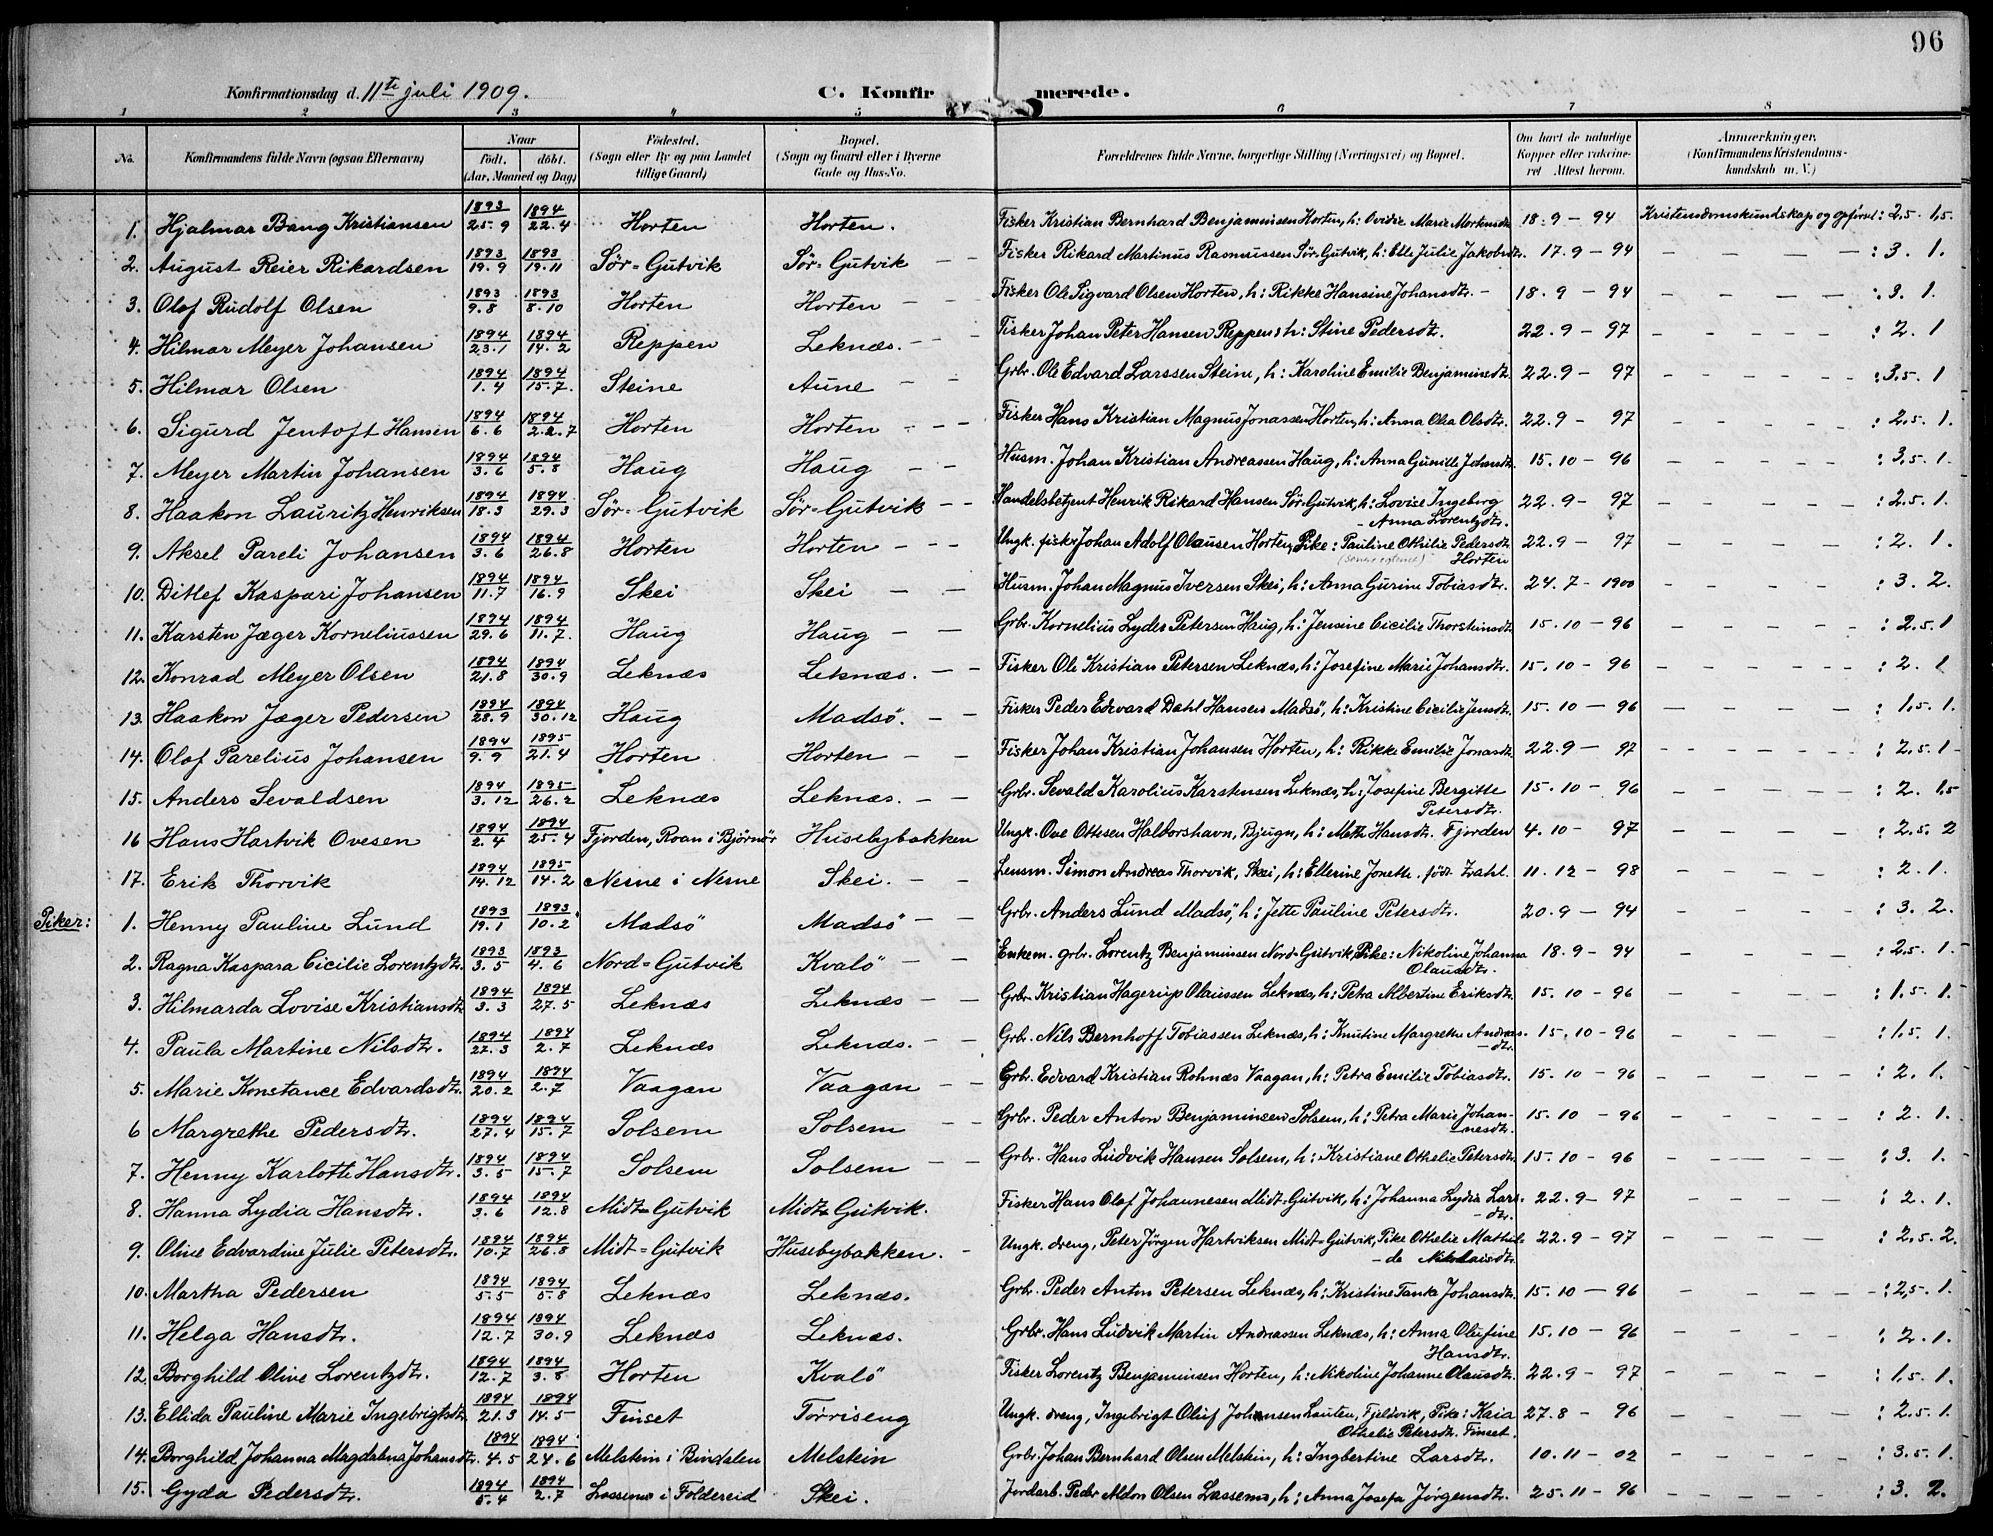 SAT, Ministerialprotokoller, klokkerbøker og fødselsregistre - Nord-Trøndelag, 788/L0698: Ministerialbok nr. 788A05, 1902-1921, s. 96